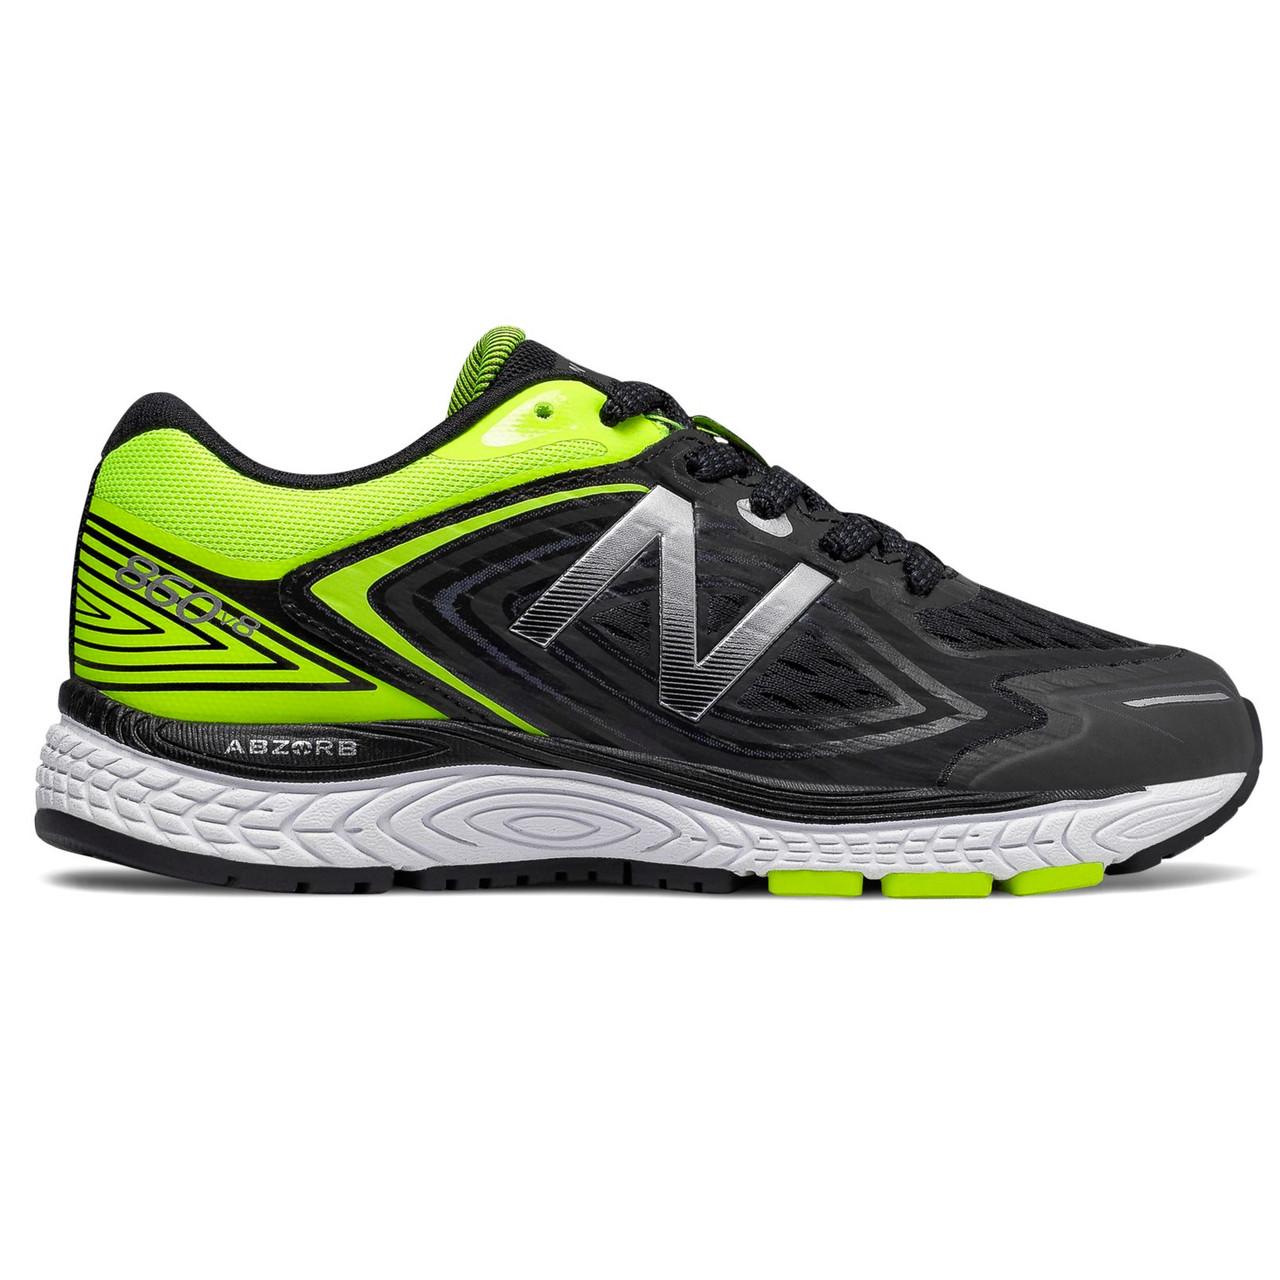 New Balance 860v8 Grade School Running - Black / Hi-Lite